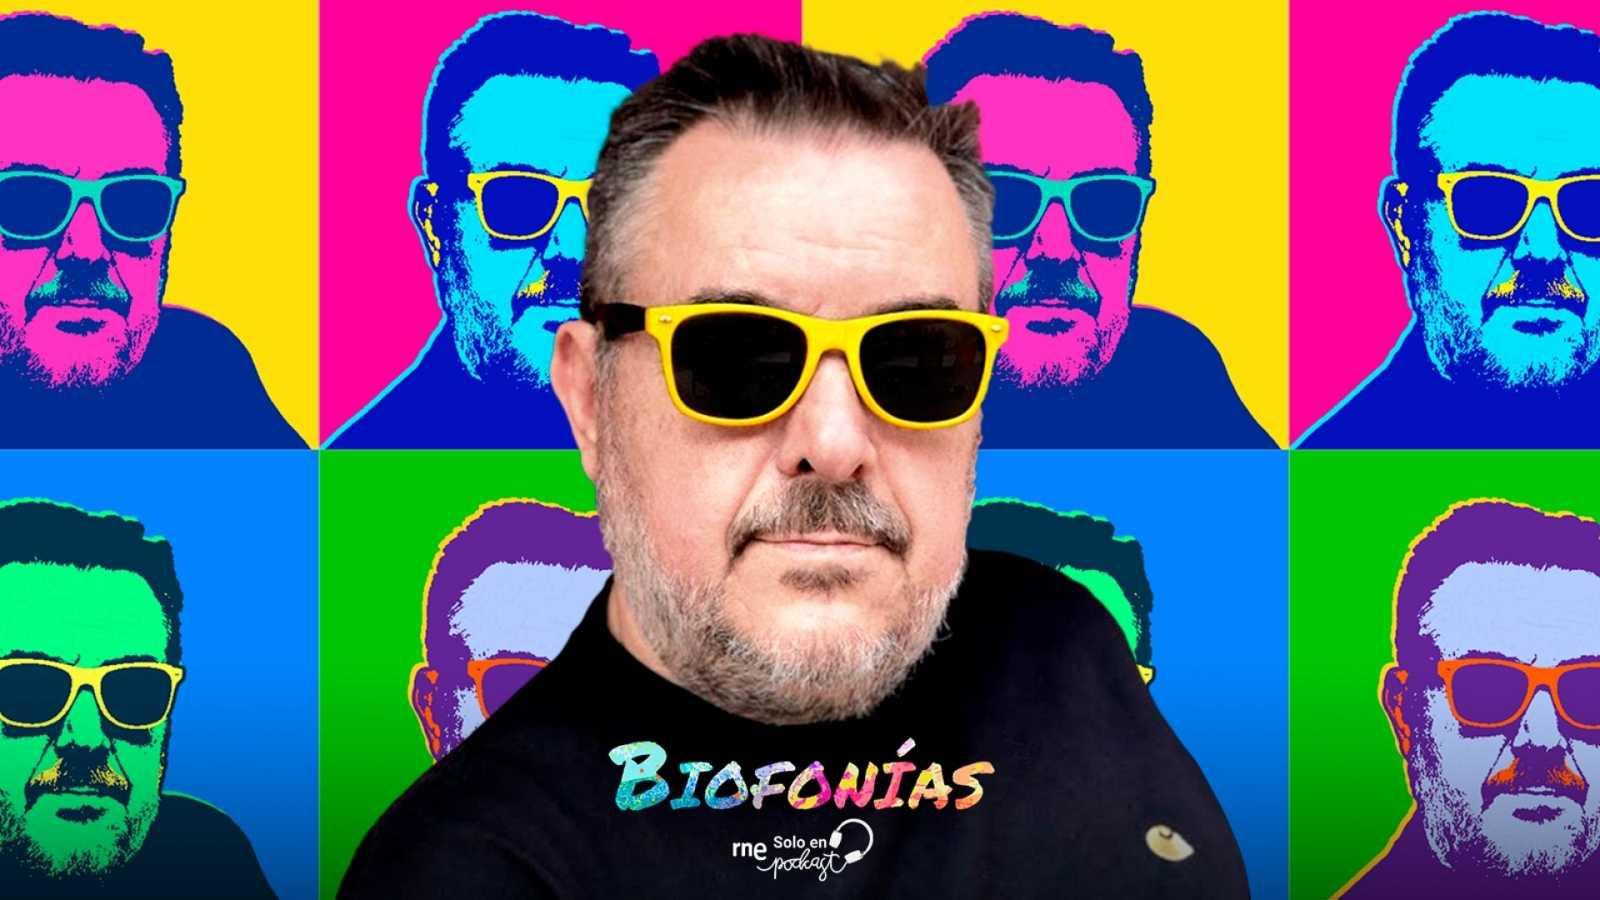 Las cuñas de RNE - 'Biofonías': los sonidos de una vida, en RNE Solo en Podcast - Escuchar ahora